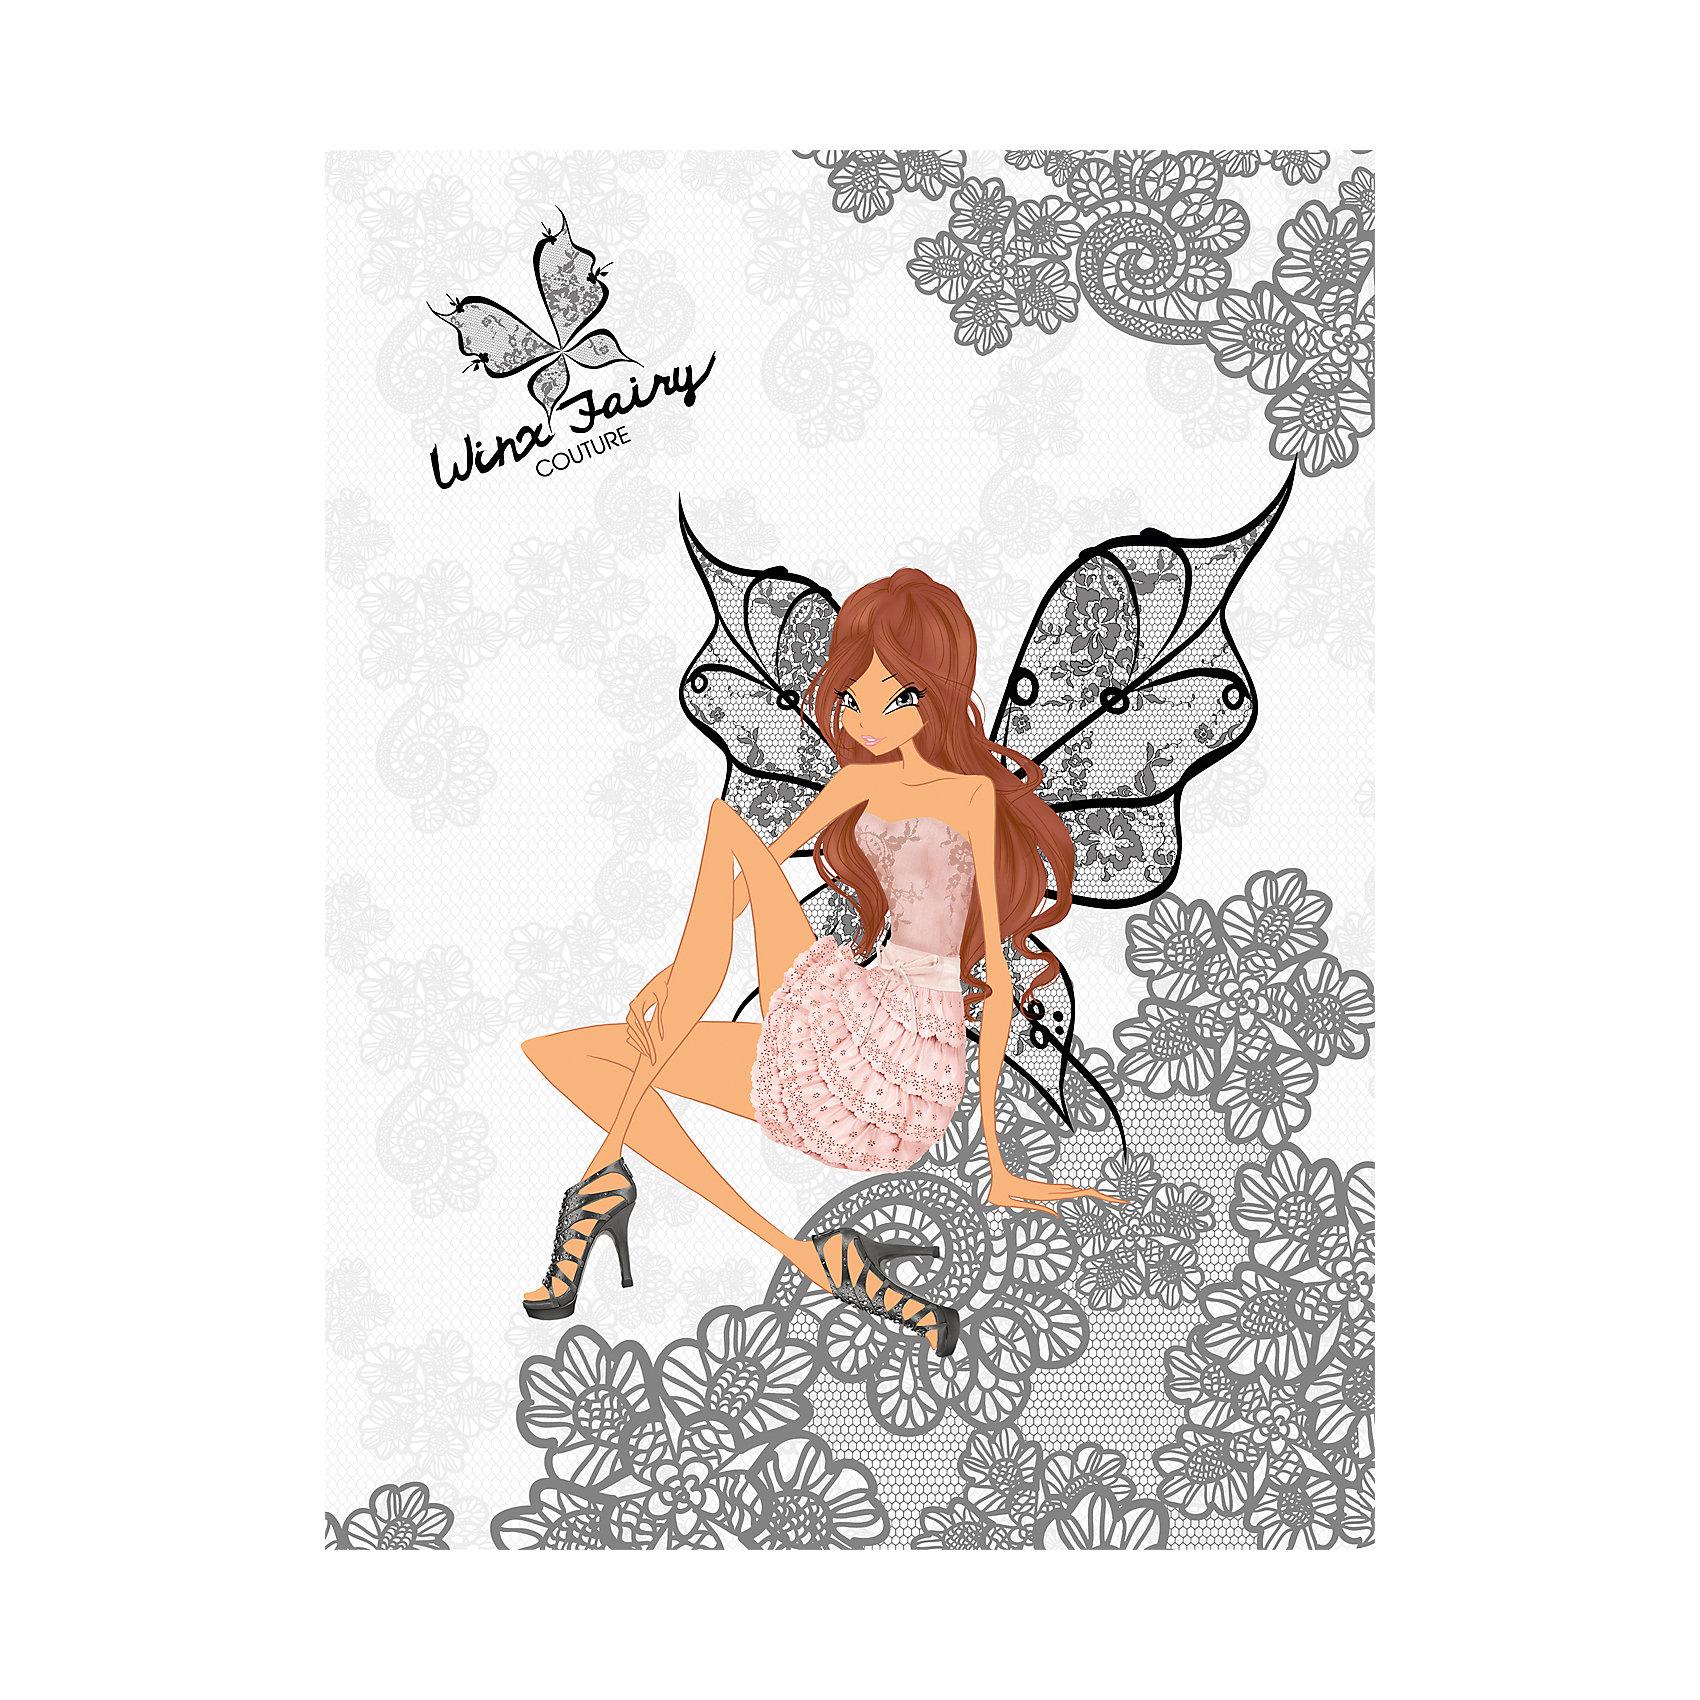 Плед-панно Winx Fairy Флора 150*200 см, НепоседаПлед - панно с изображением любимой феи обязательно понравится всем любительницам Winx Club! Мягкий плед из флис прекрасно впишется в интерьер детской, выгодно дополнив его. Изделие выполнено из высококачественных материалов, в производстве которых использованы стойкие, экологичные красители, позволяющие ткани сохранять яркость даже после многократных стирок. <br><br>Дополнительная информация:<br><br>- Материал: флис.<br>- Плотность ткани 115 г/м2.<br>- Размер:  150х200 см.<br>- Декоративные элементы: принт.<br><br>Плед-панно Winx Fairy Флора 150х200 см, Winx Club (Винкс Клуб), можно купить в нашем магазине.<br><br>Ширина мм: 250<br>Глубина мм: 350<br>Высота мм: 70<br>Вес г: 1000<br>Возраст от месяцев: 36<br>Возраст до месяцев: 168<br>Пол: Женский<br>Возраст: Детский<br>SKU: 4358364